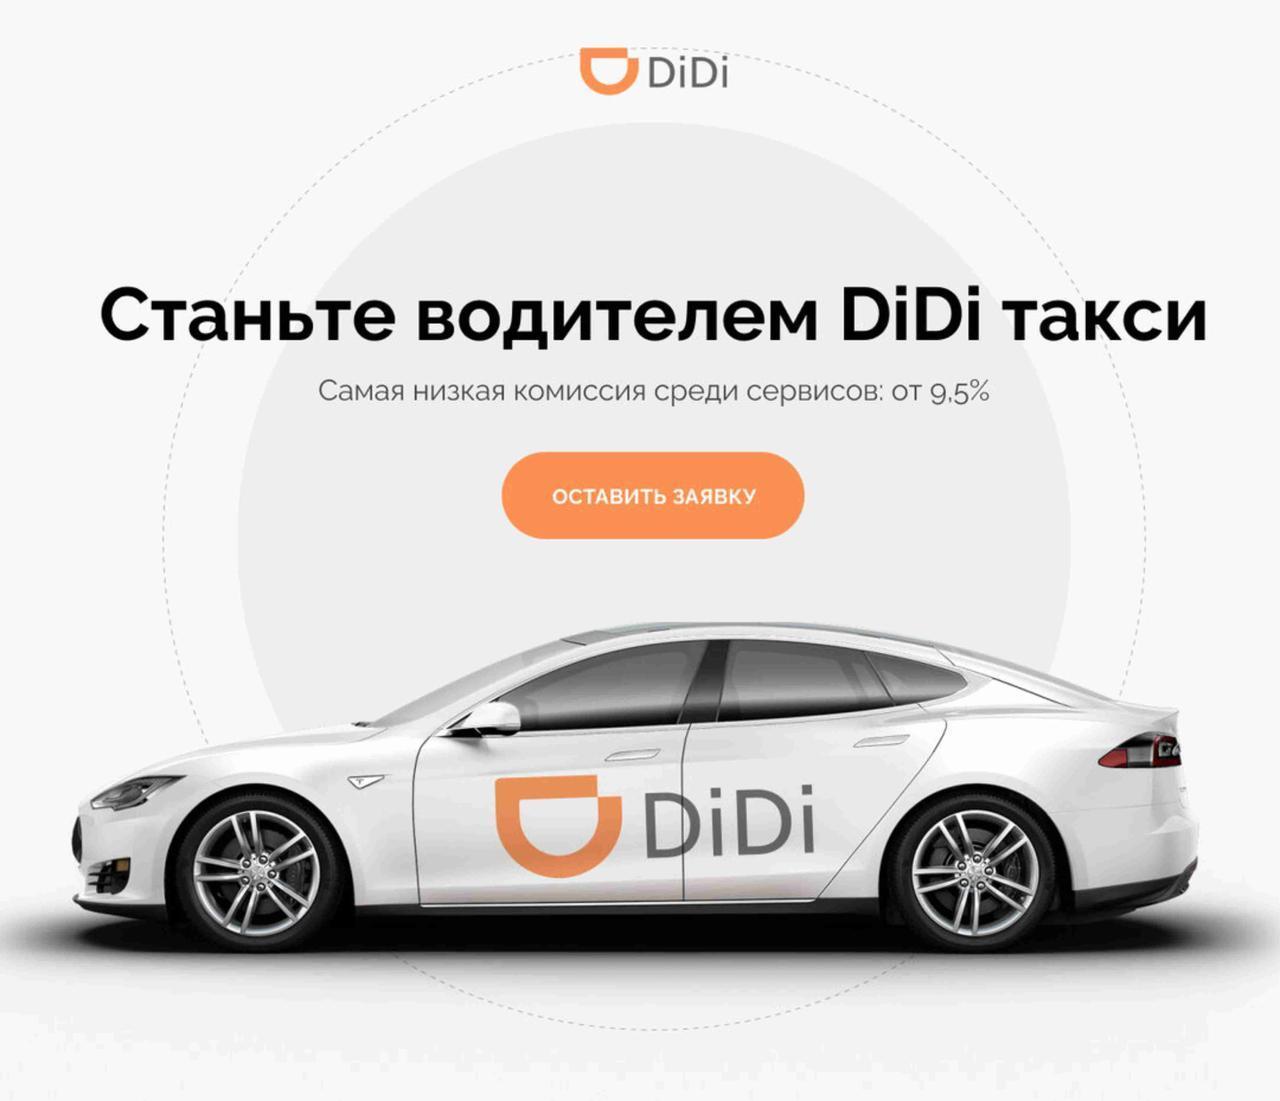 Могу ли я отвечать на звонки во время вождения? DiDi такси онлайн